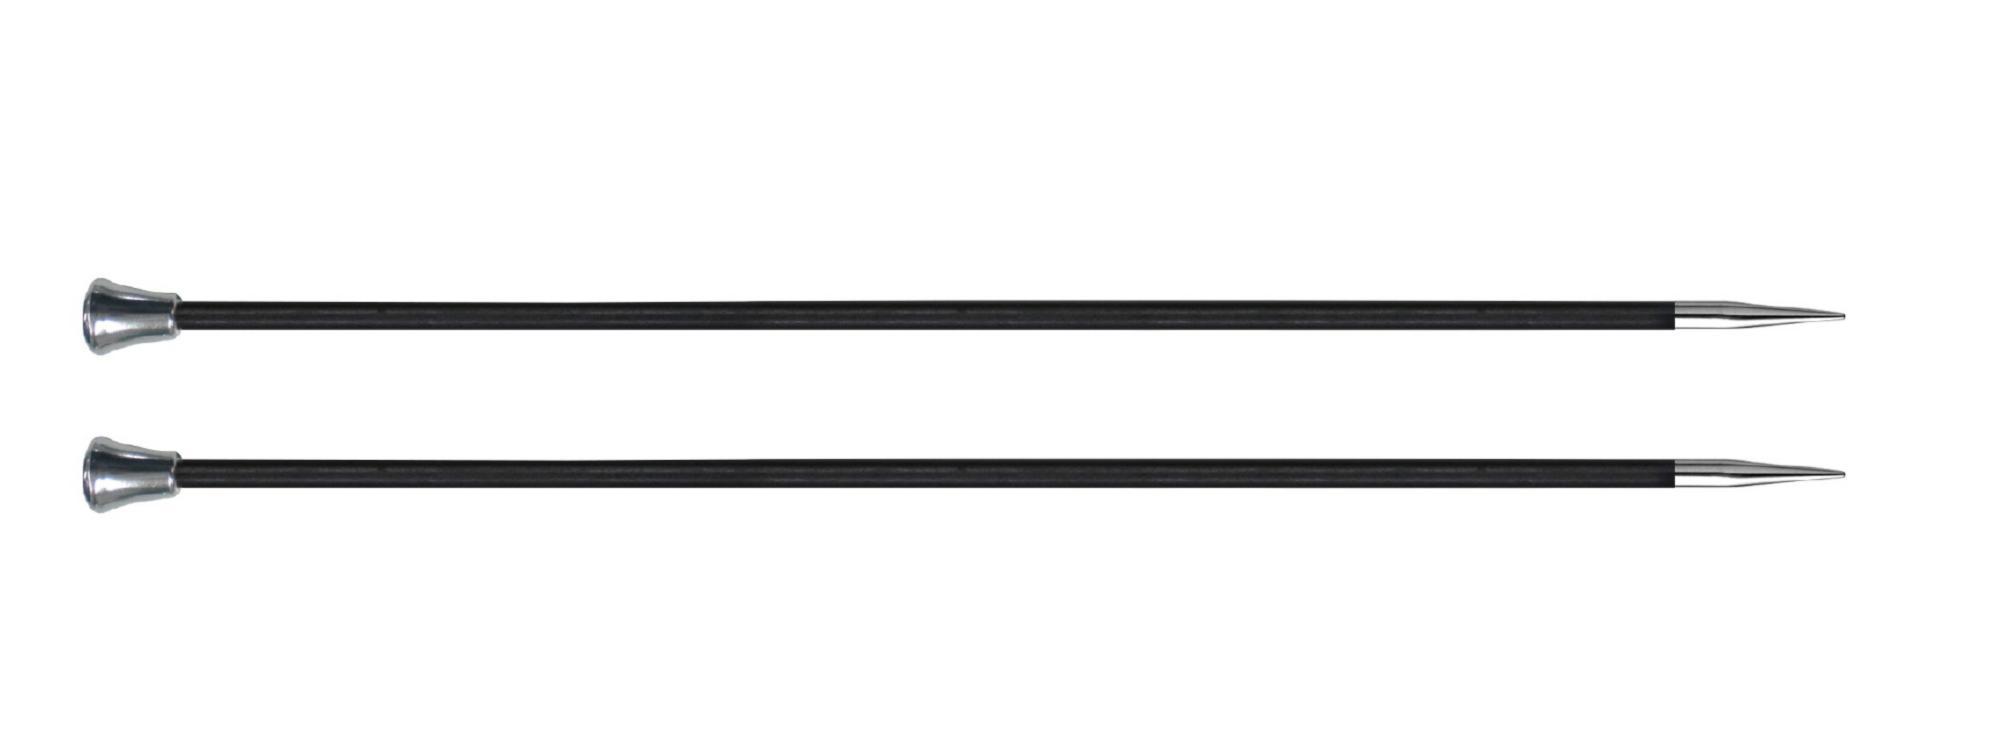 Спицы прямые 25 см Karbonz KnitPro, 41253, 2.75 мм